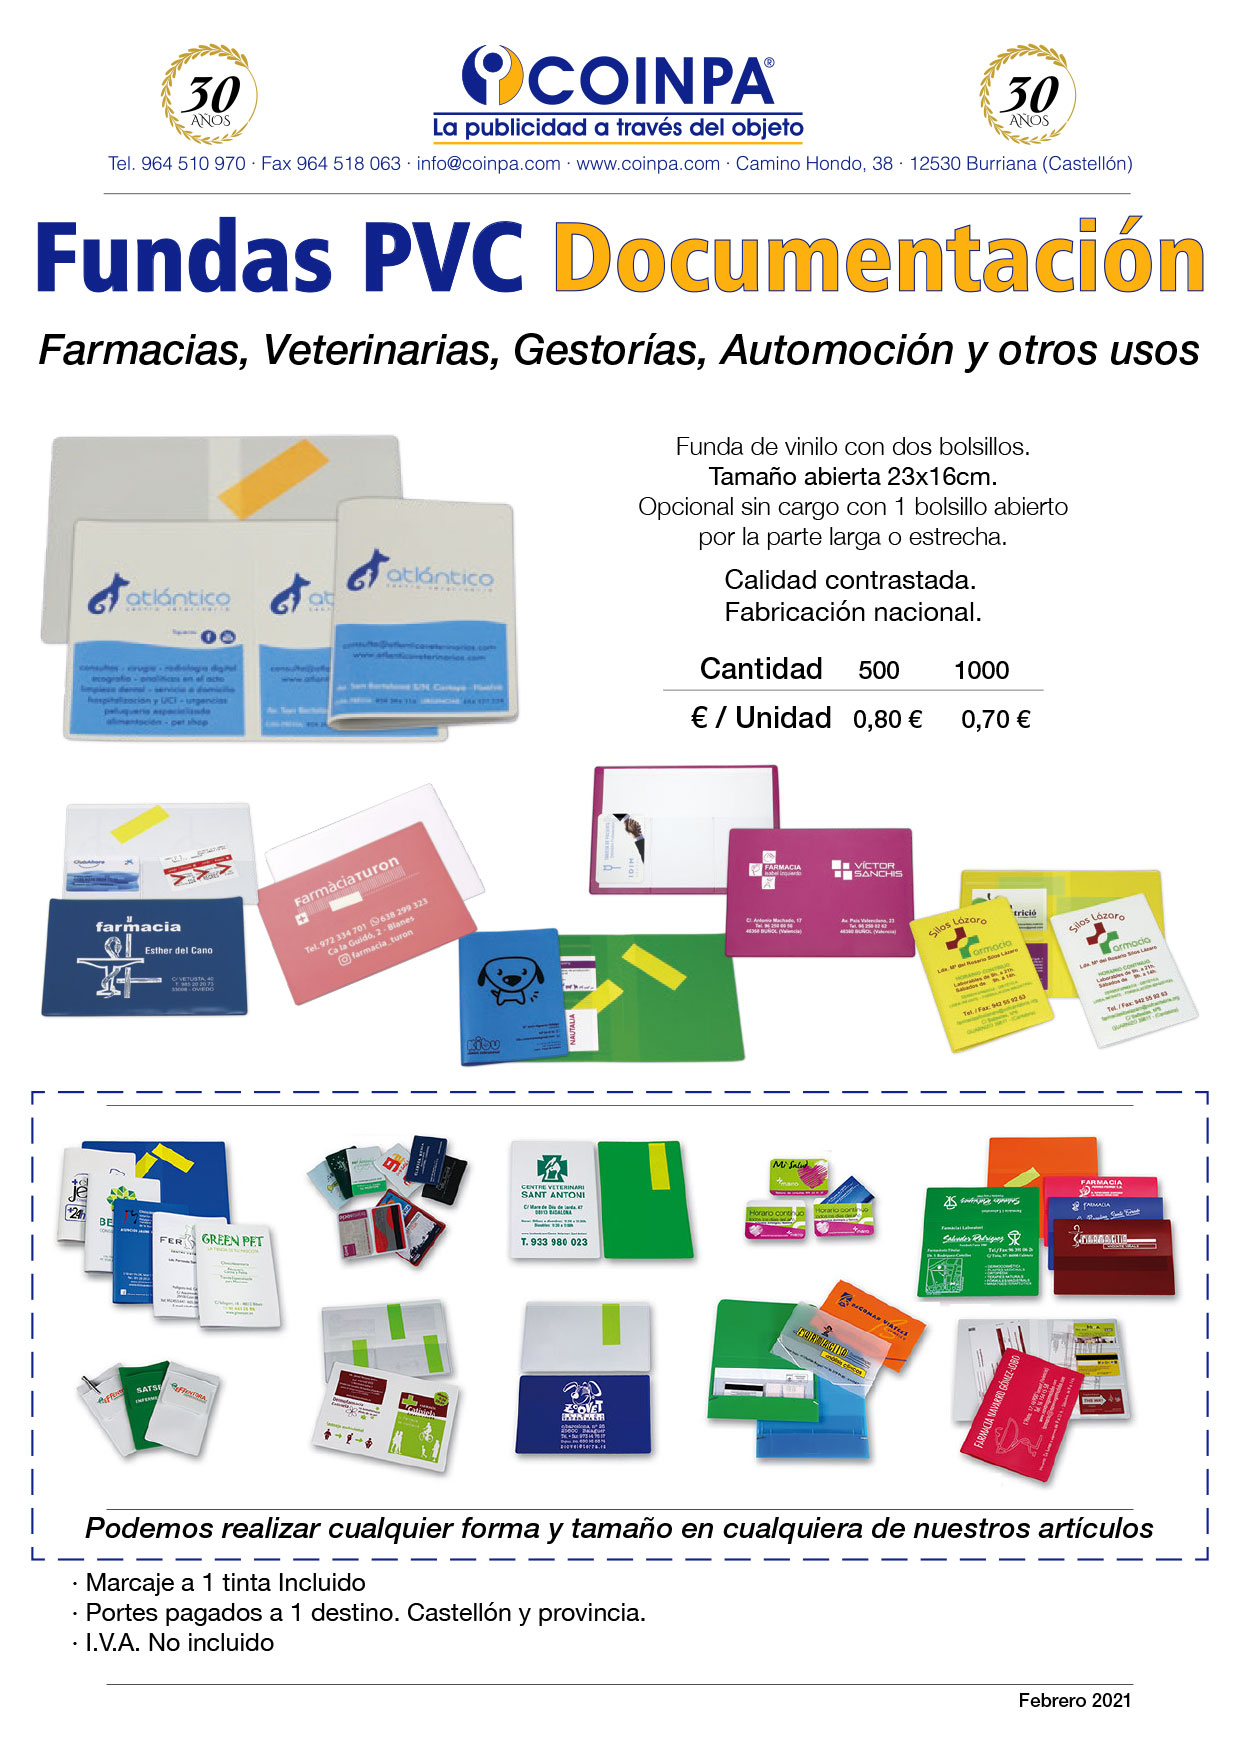 COINPA - Fundas PVC Documentación